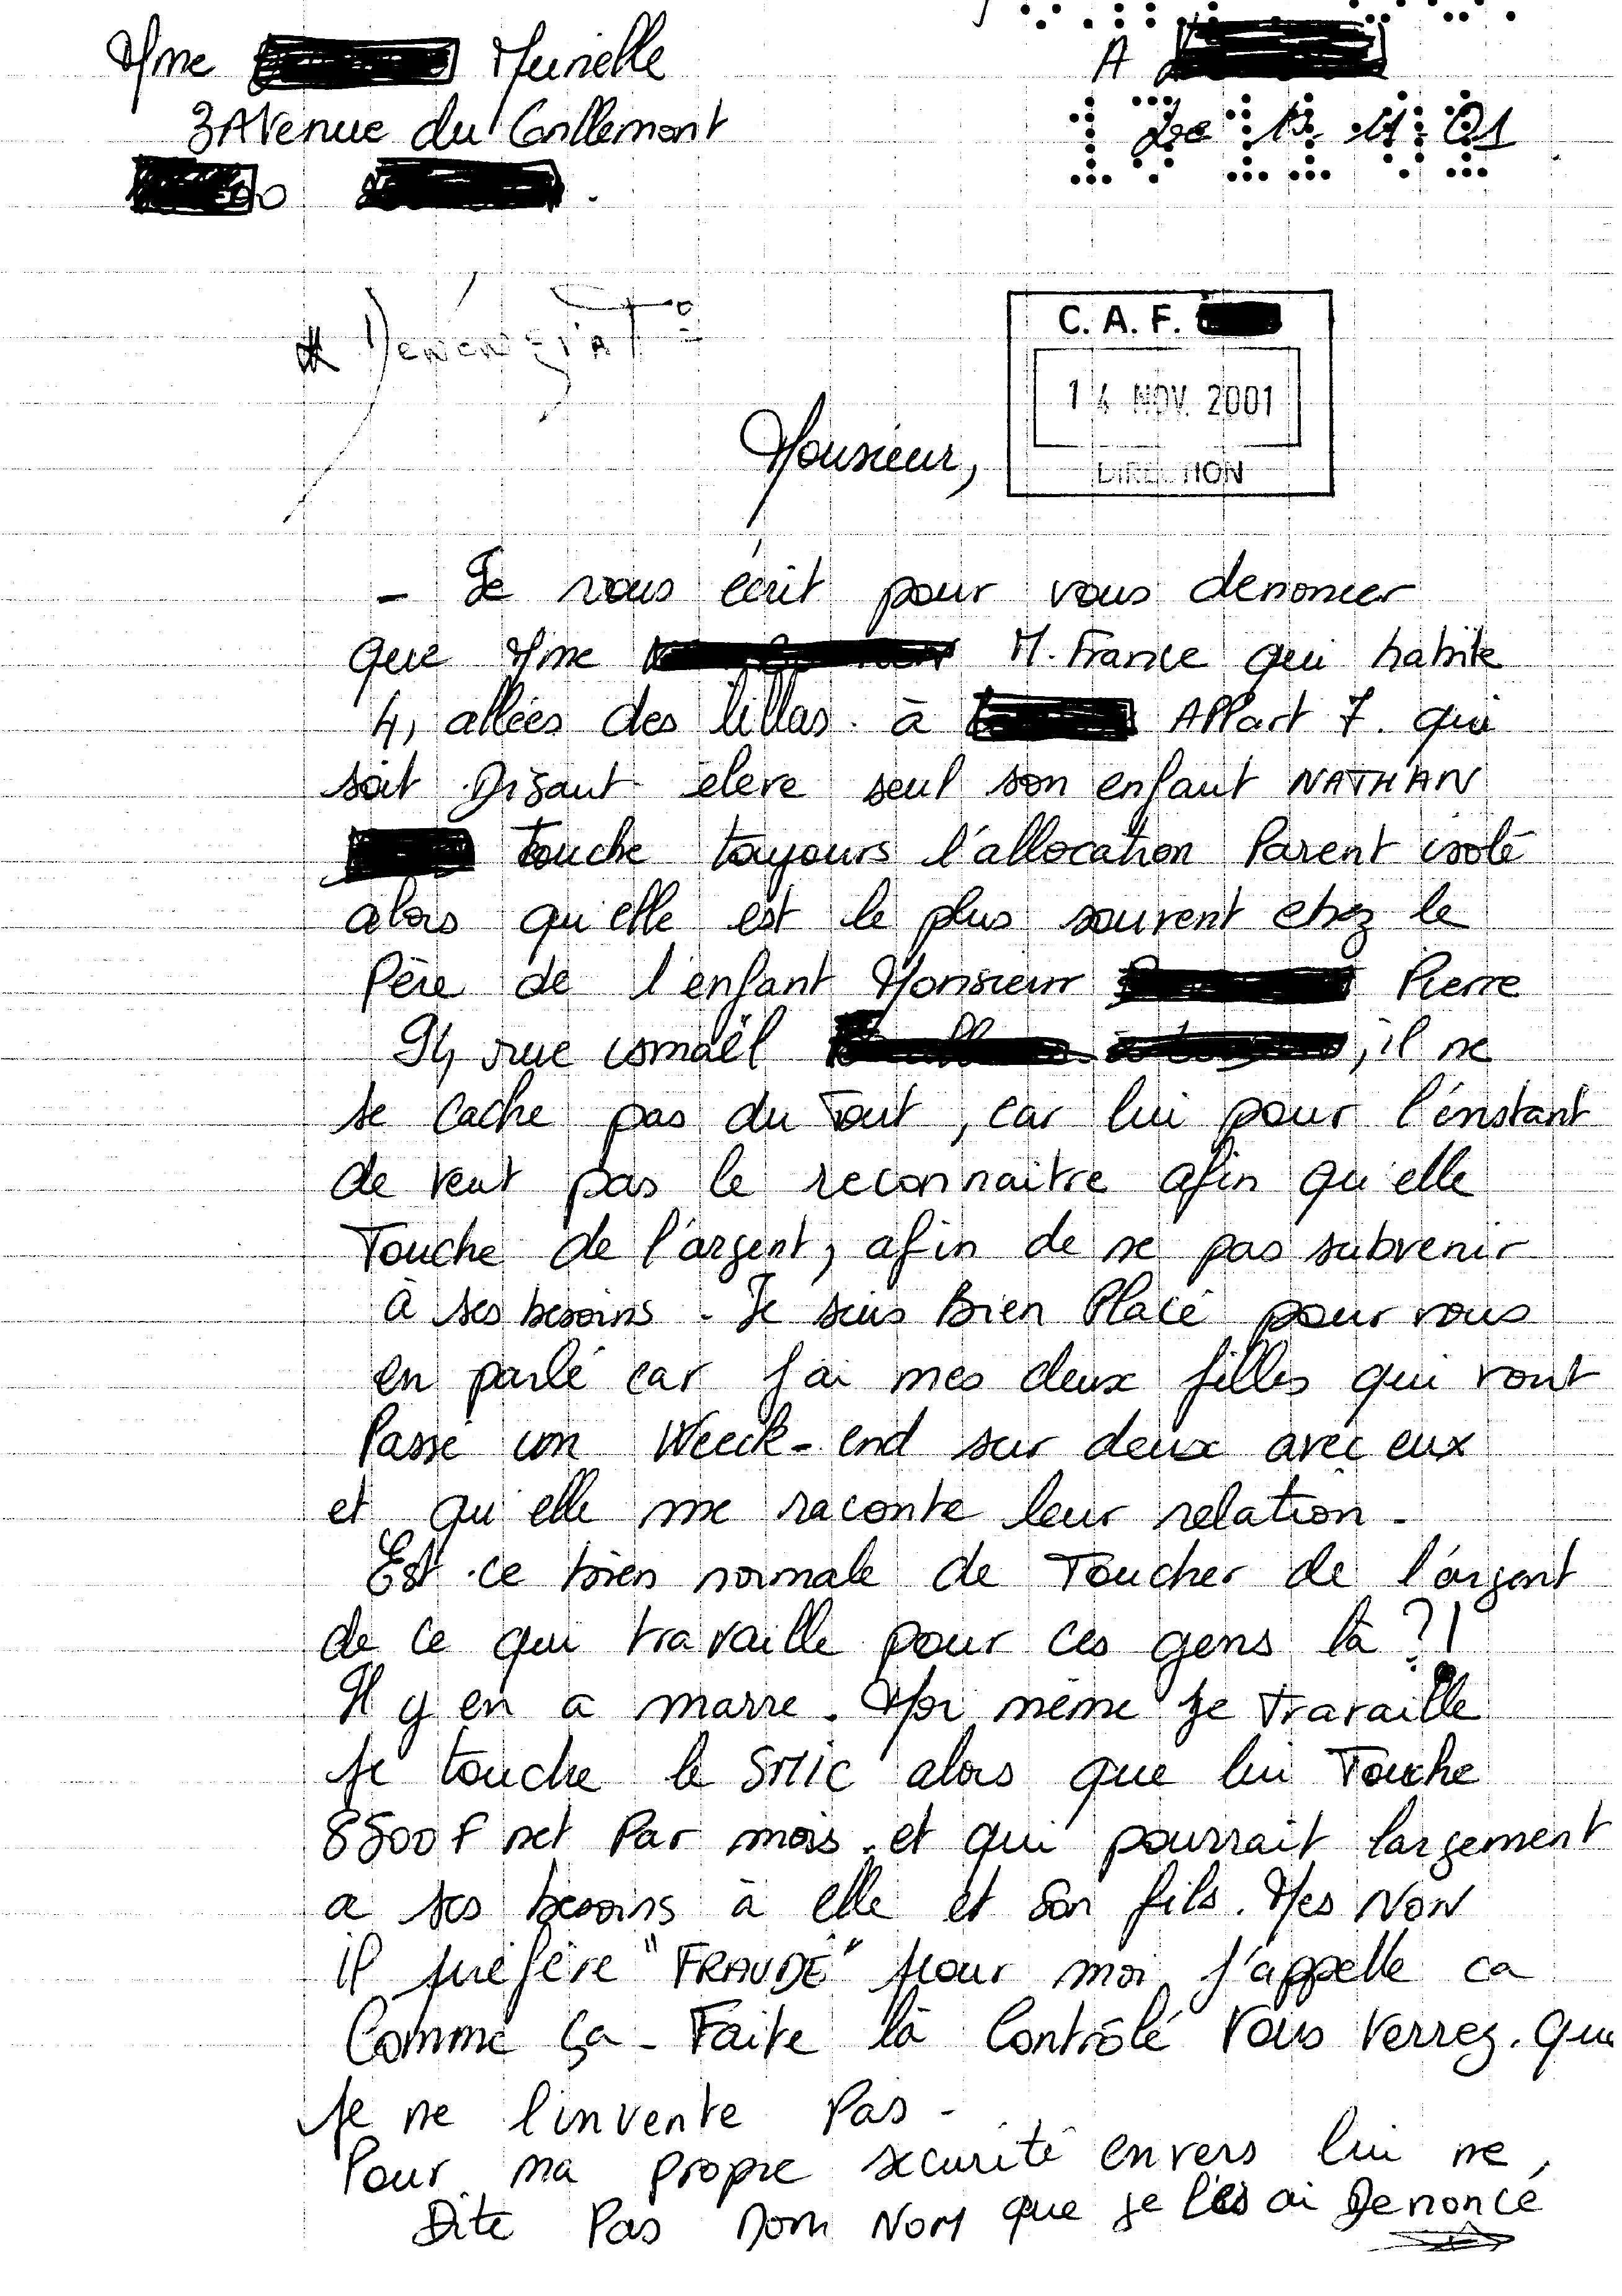 modele lettre de denonciation caf délation | La Parisienne Libérée ♫ modele lettre de denonciation caf